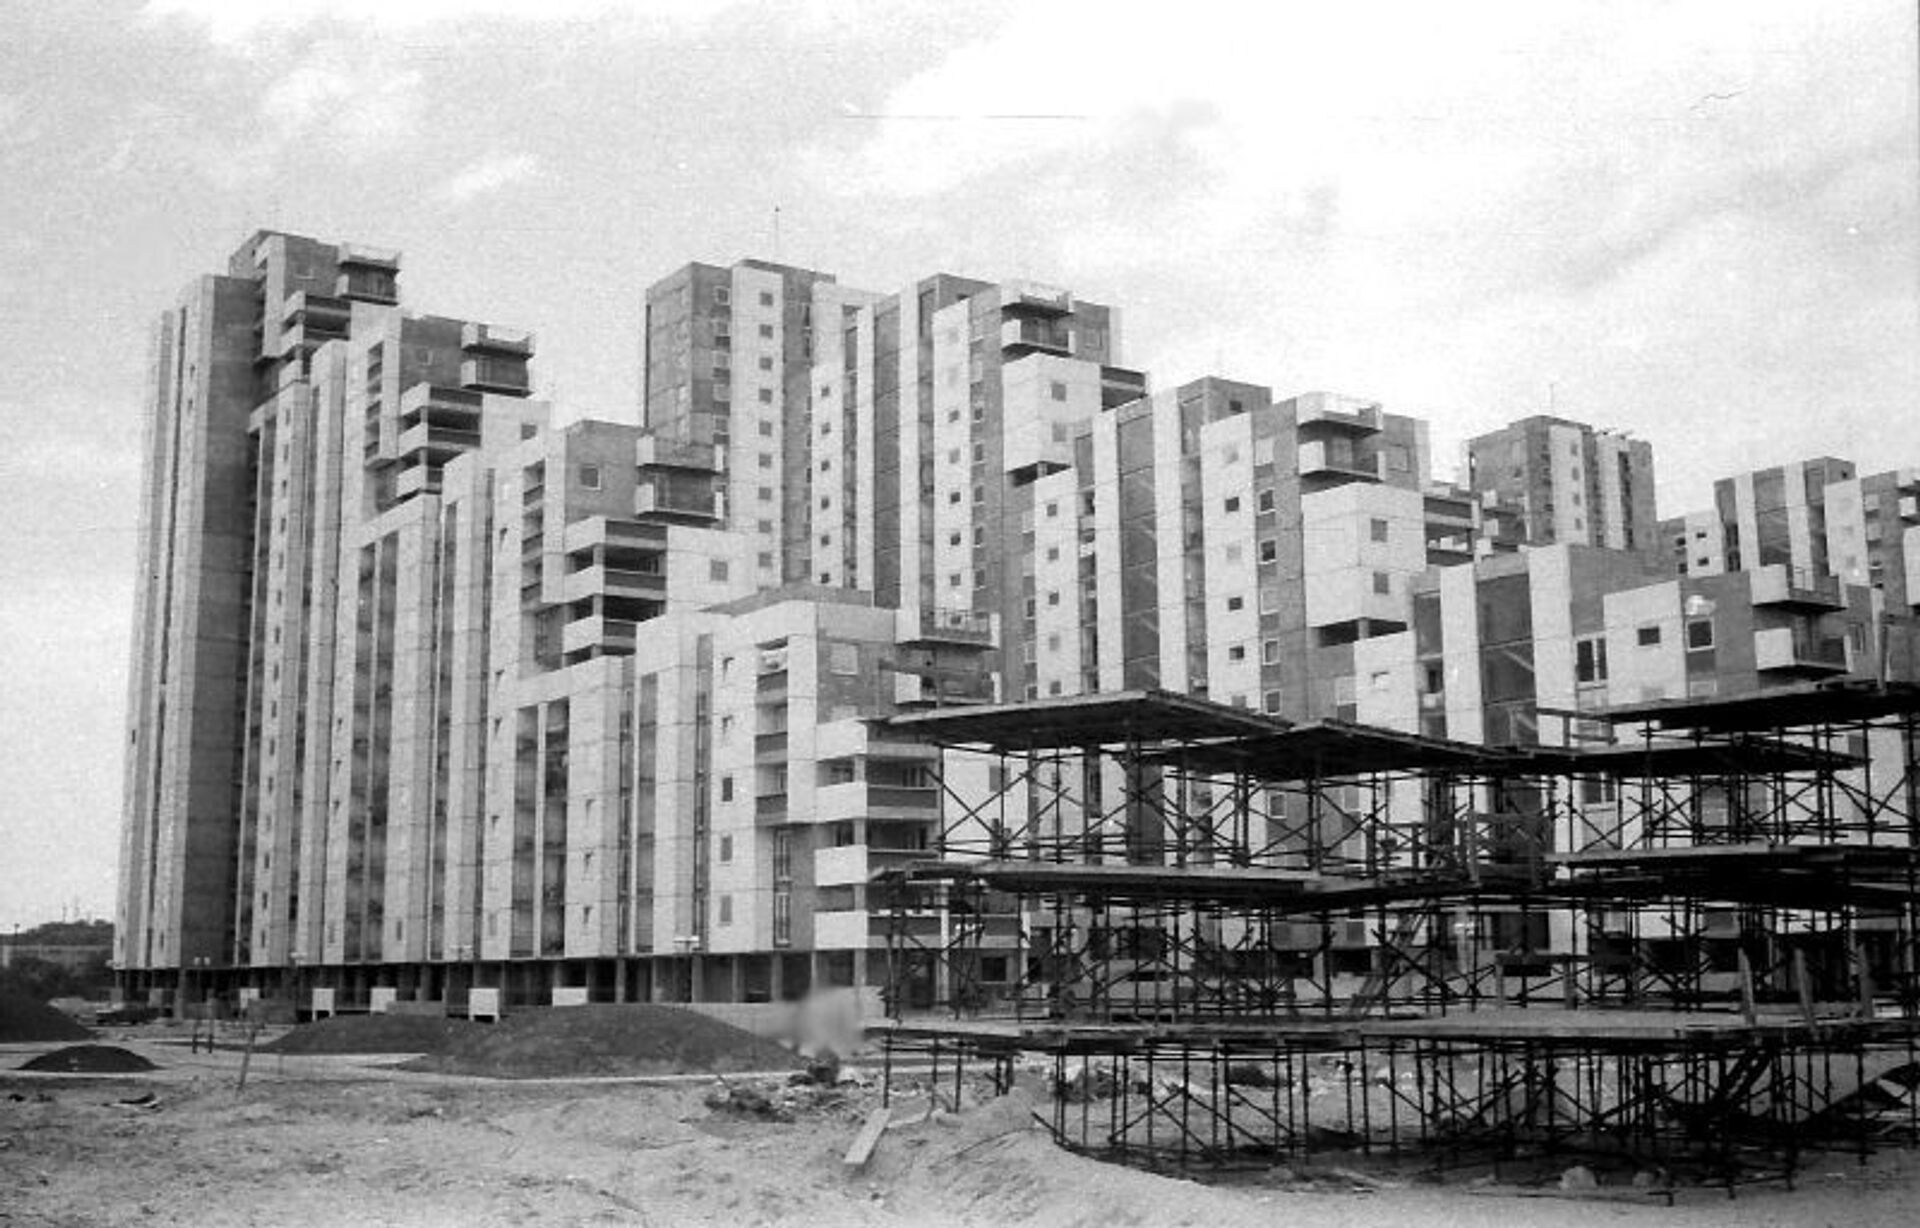 Добитници Прицкерове награде, поручују: Не рушите старе зграде, то је губитак историје и чин насиља - Sputnik Србија, 1920, 17.03.2021